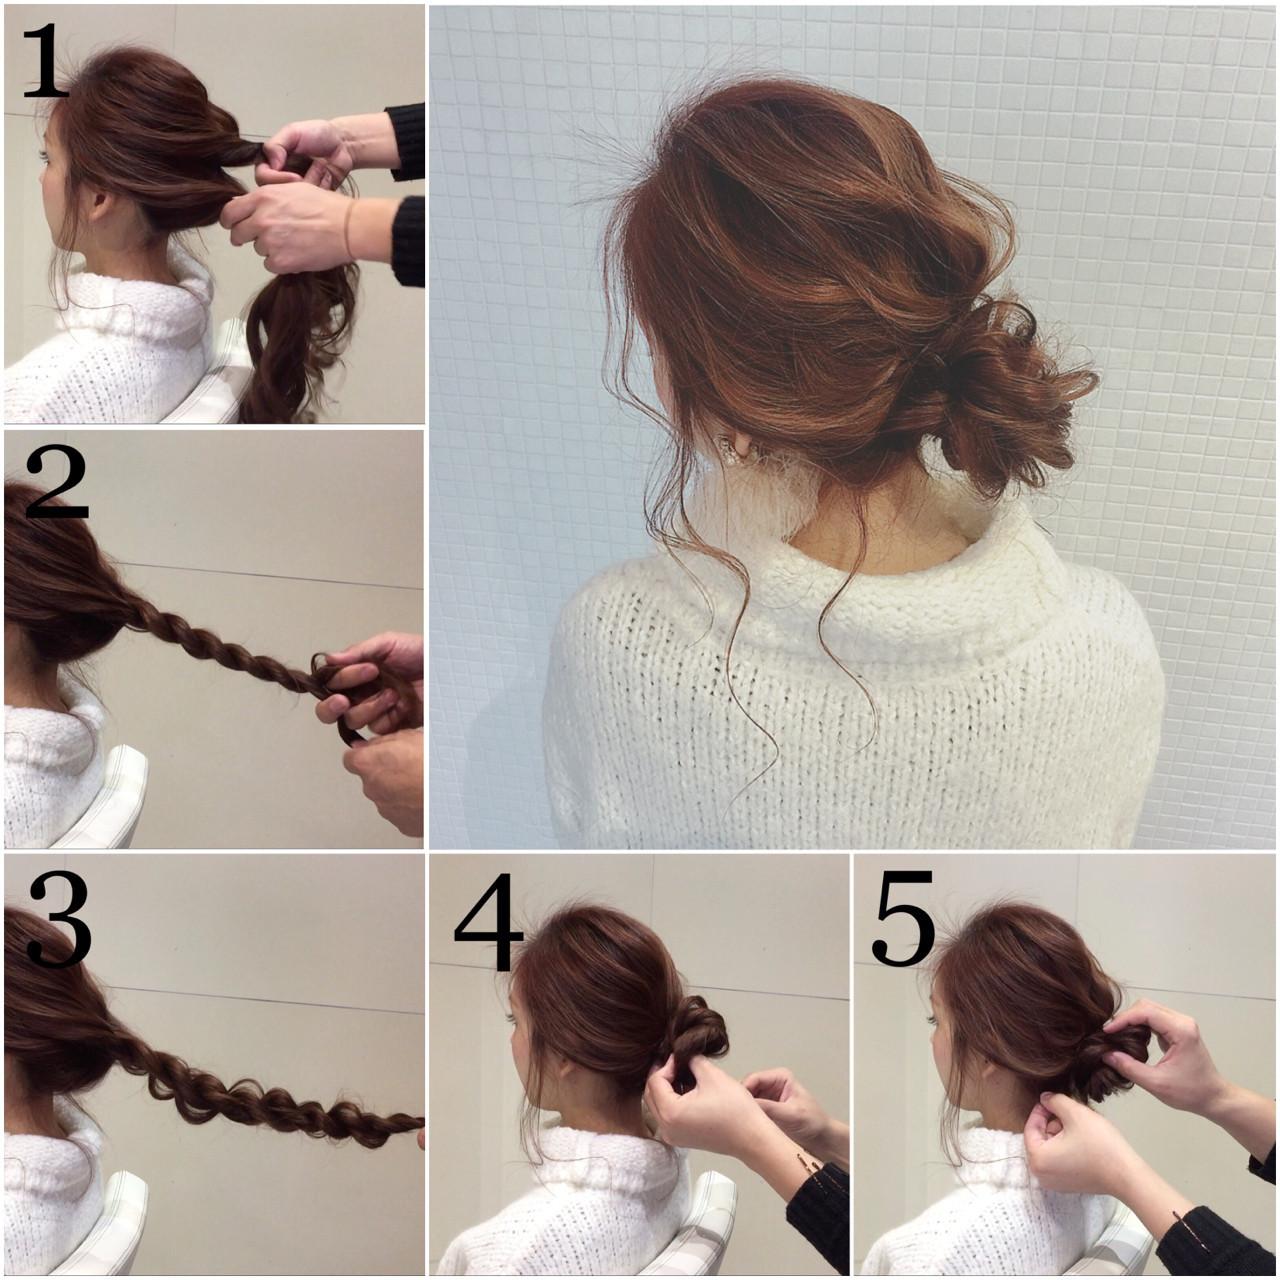 ロング お団子 簡単ヘアアレンジ フェミニン ヘアスタイルや髪型の写真・画像